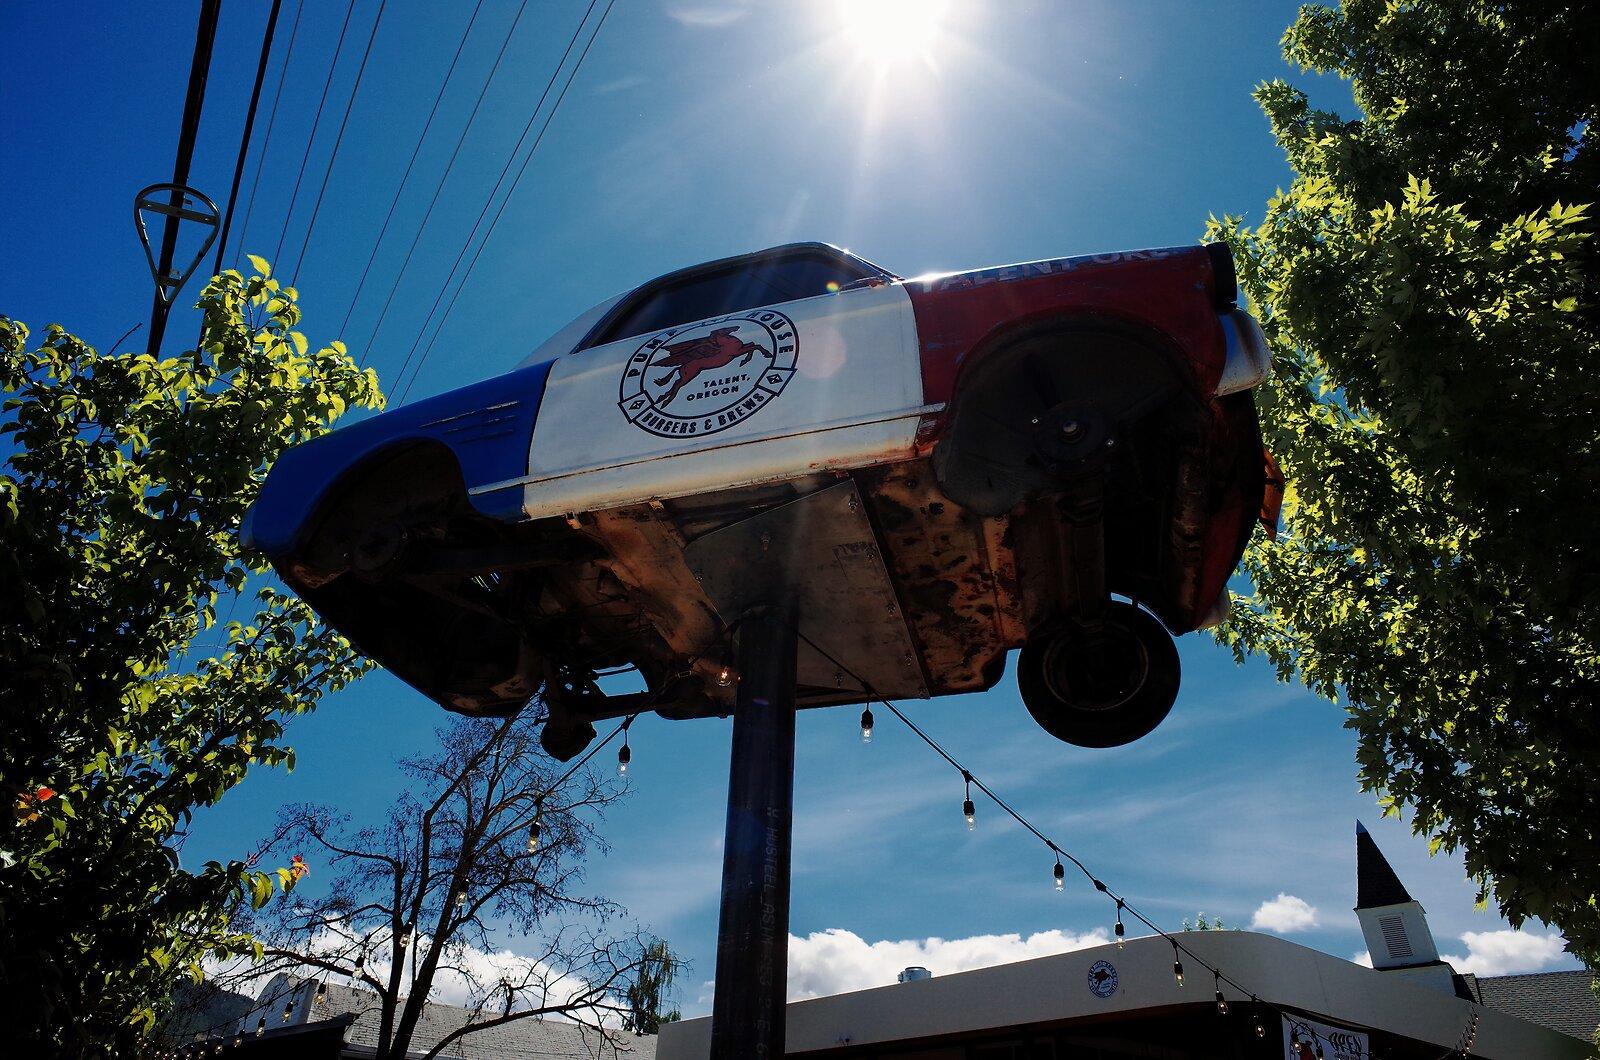 GRII_May15_Car_on_Pole(PosFilm).jpg